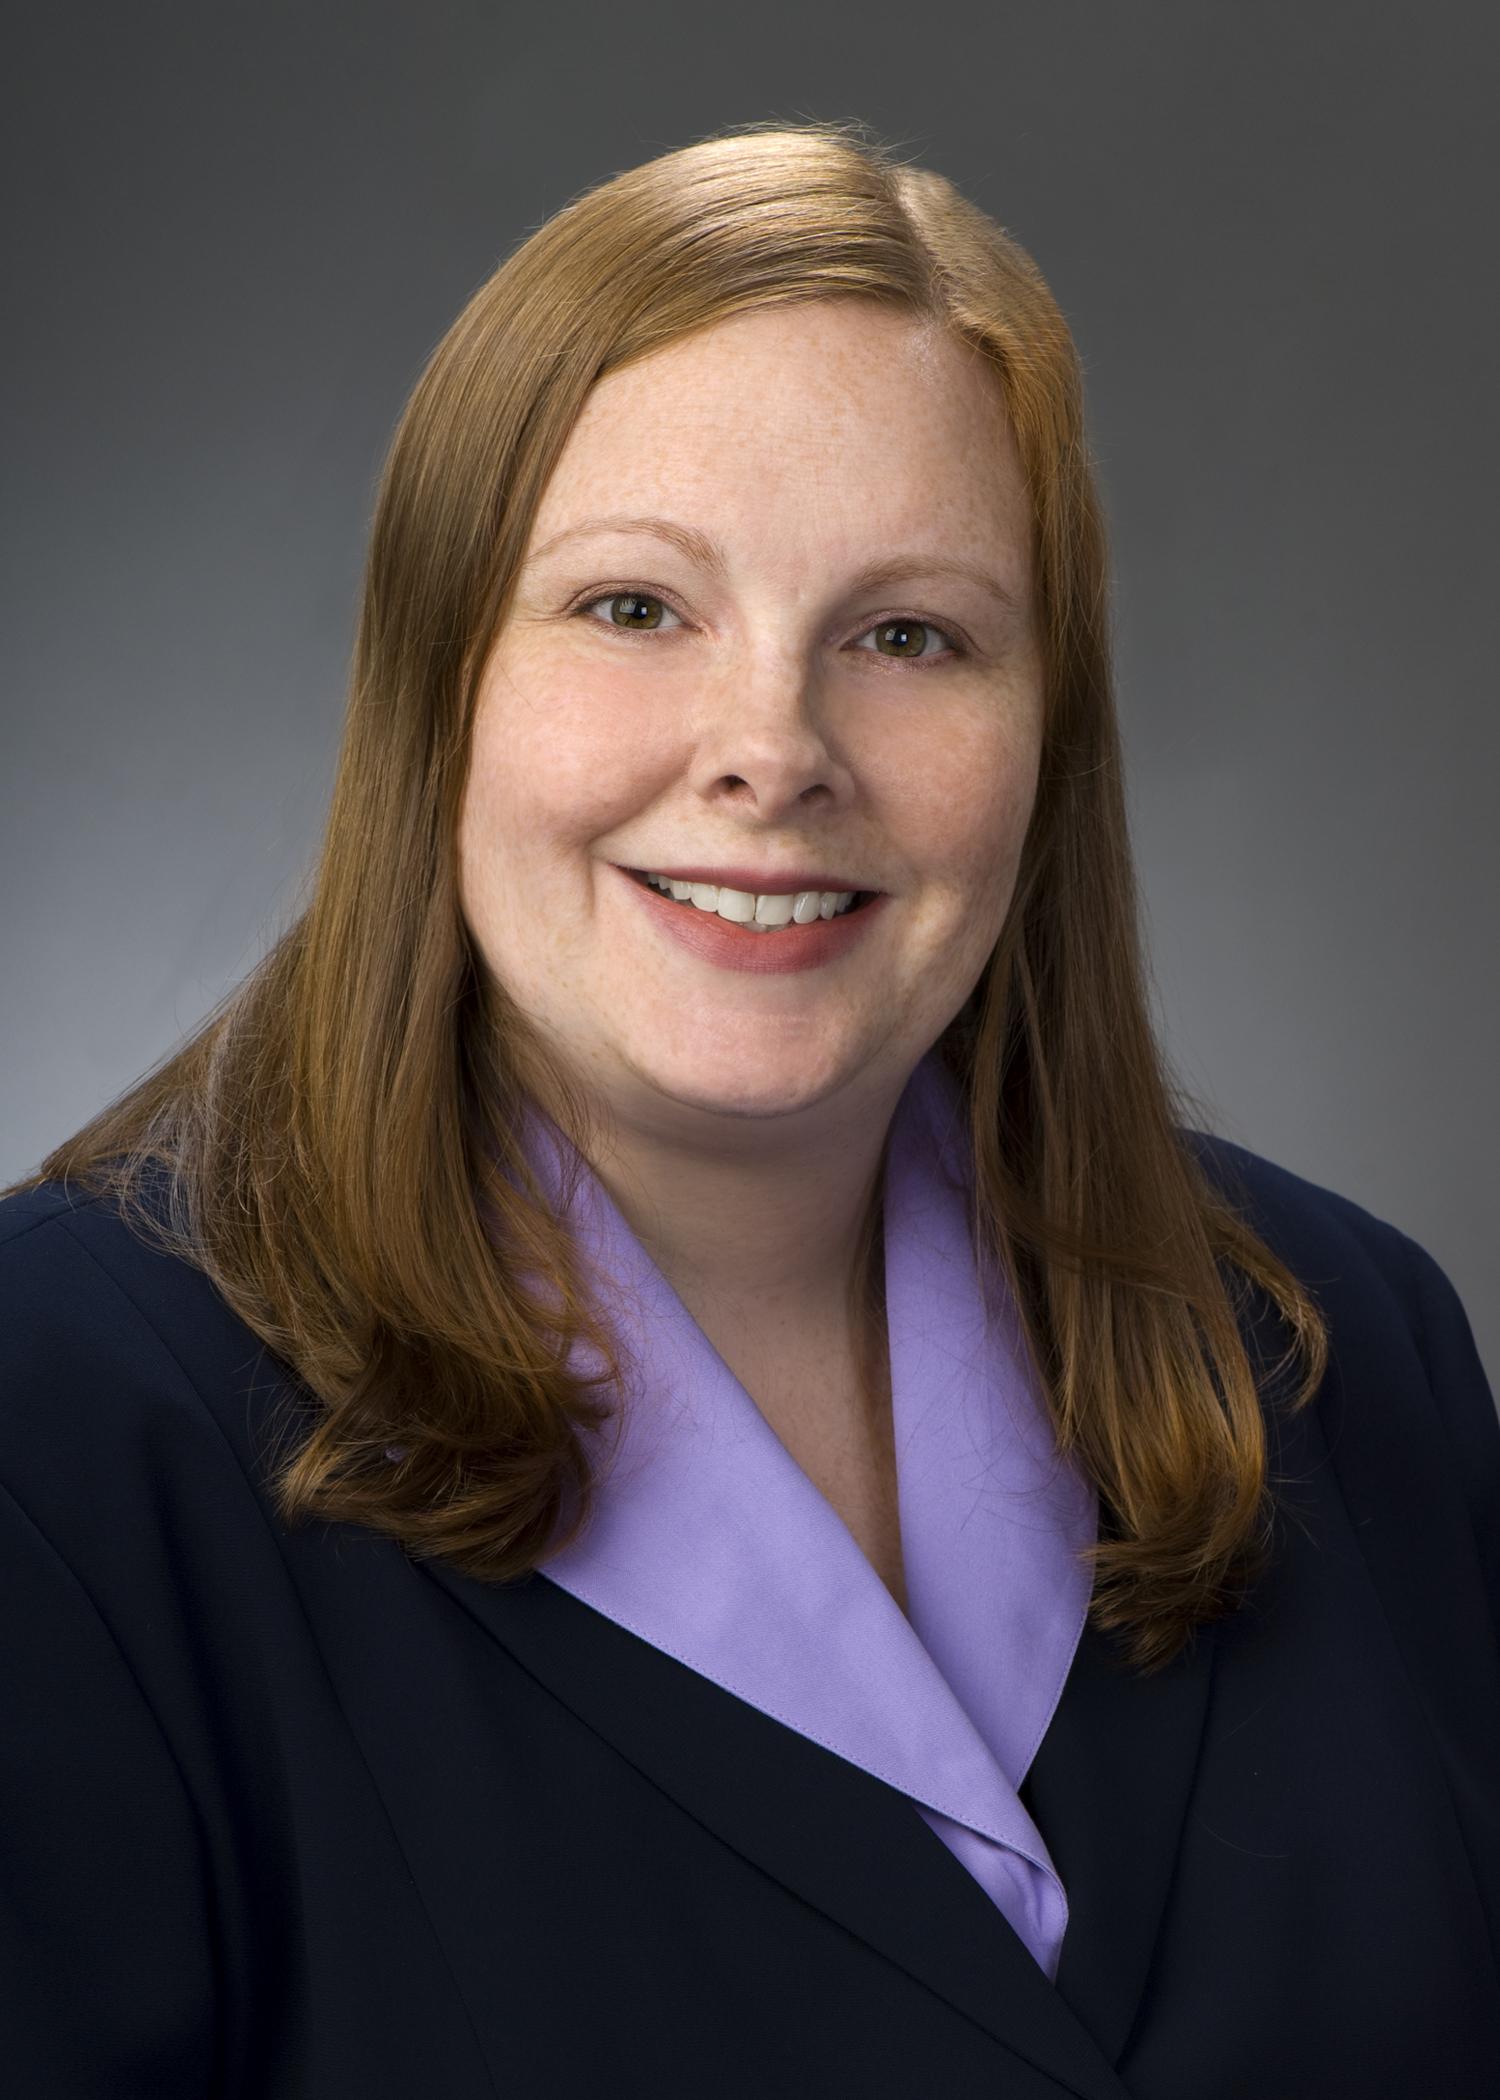 Dr. Delaney Smith